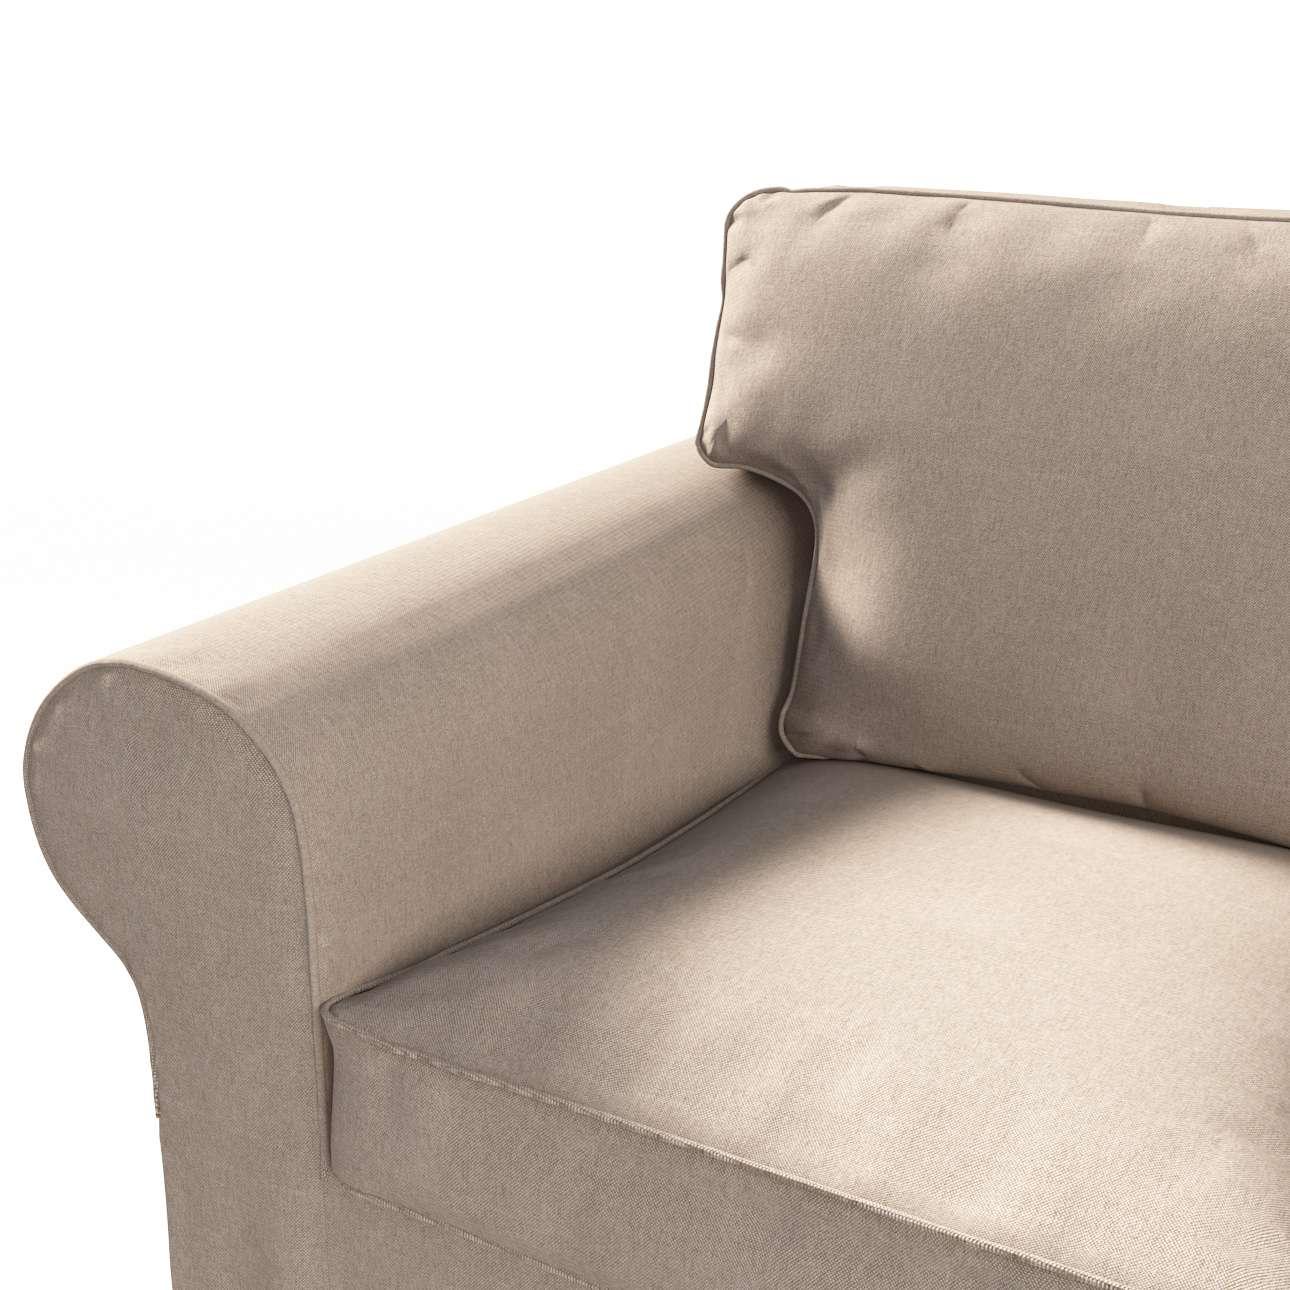 Ektorp 3-Sitzer Schlafsofabezug neues Modell (2013) von der Kollektion Etna, Stoff: 705-09